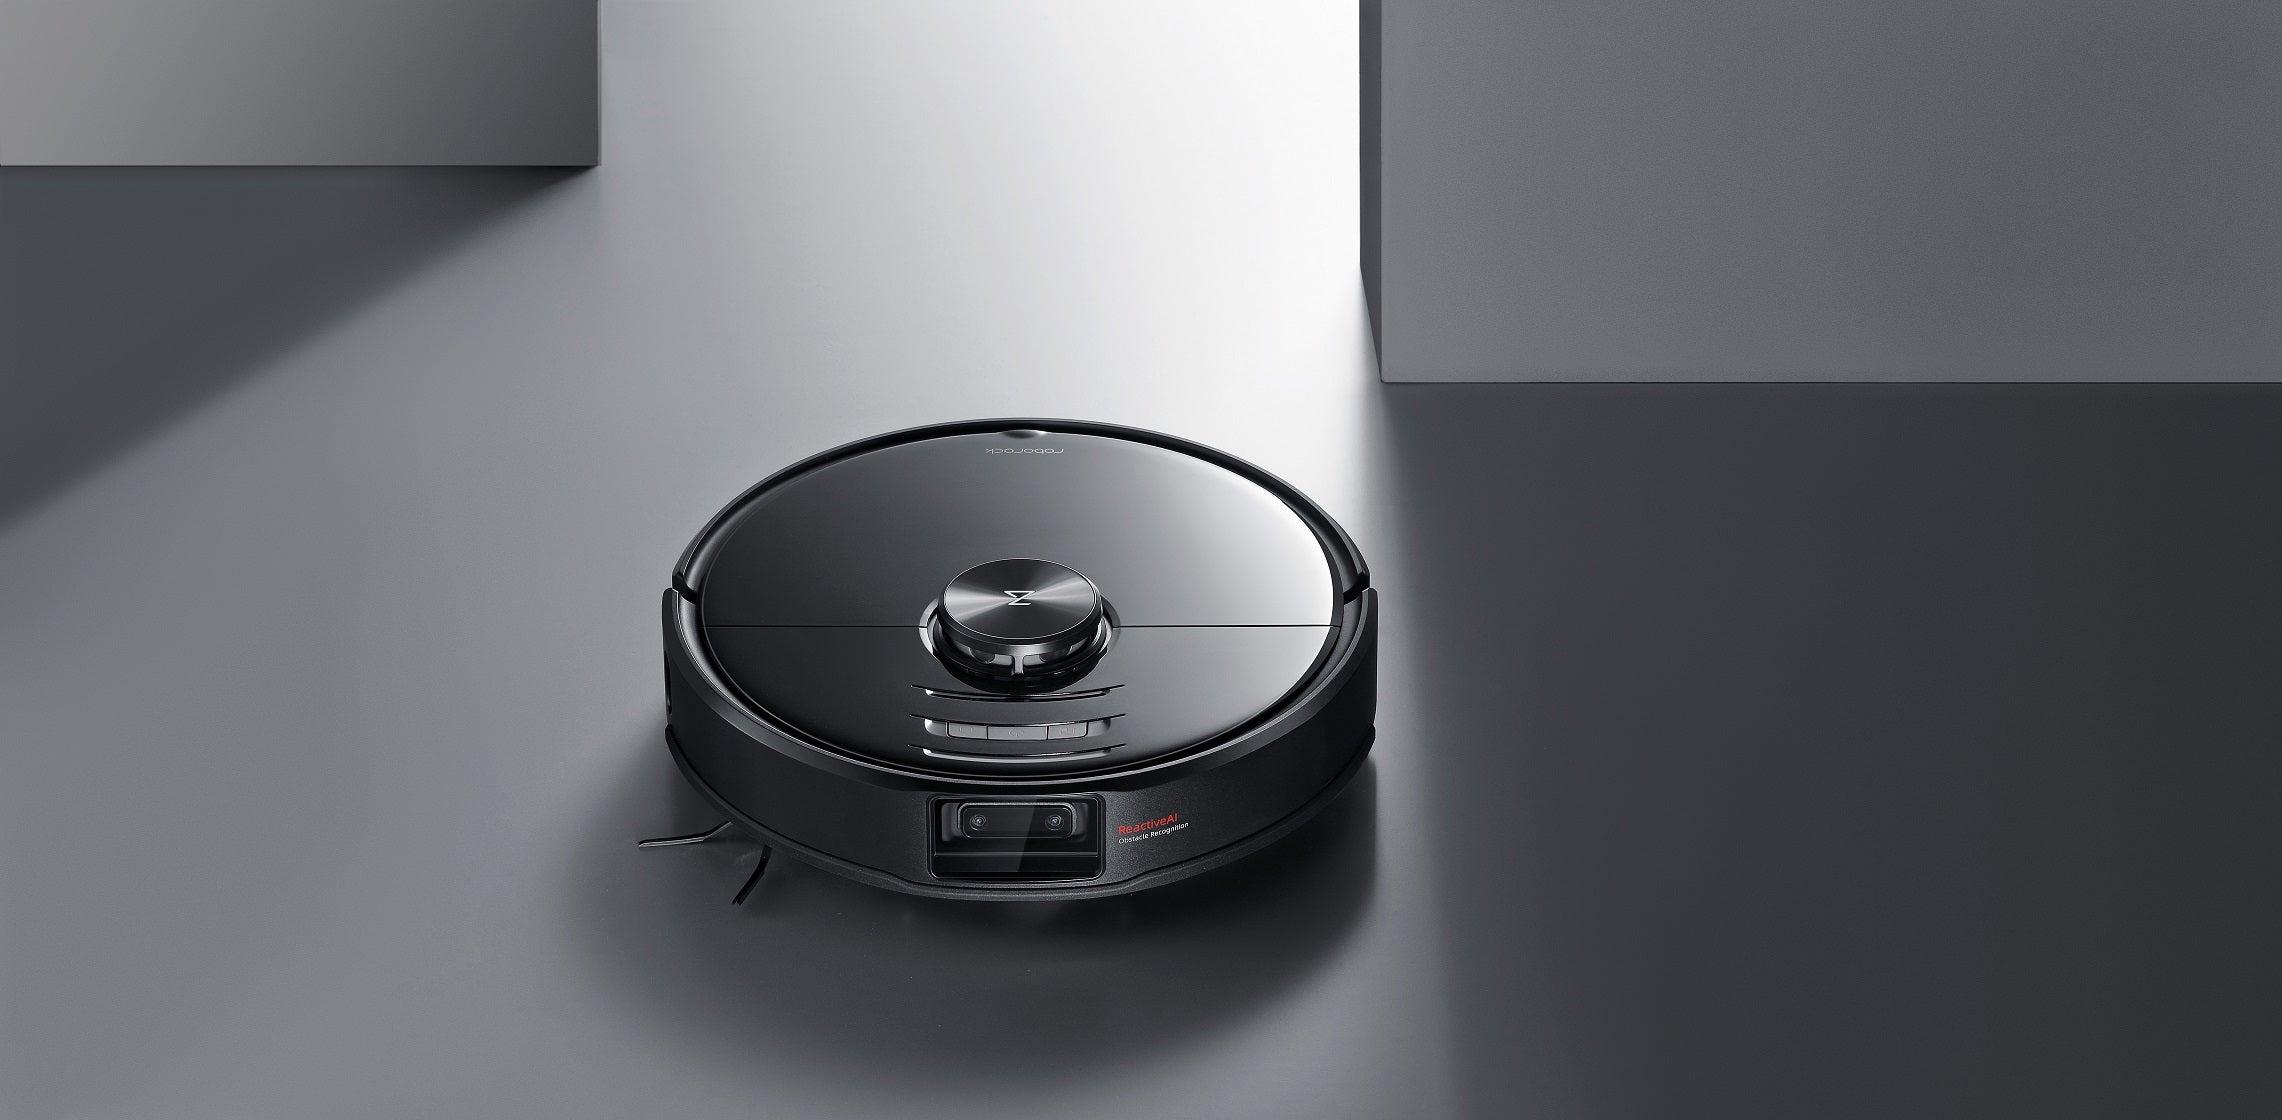 Roborock S6 MaxV: Eigenschaften, Informationen, Preise und technische Daten